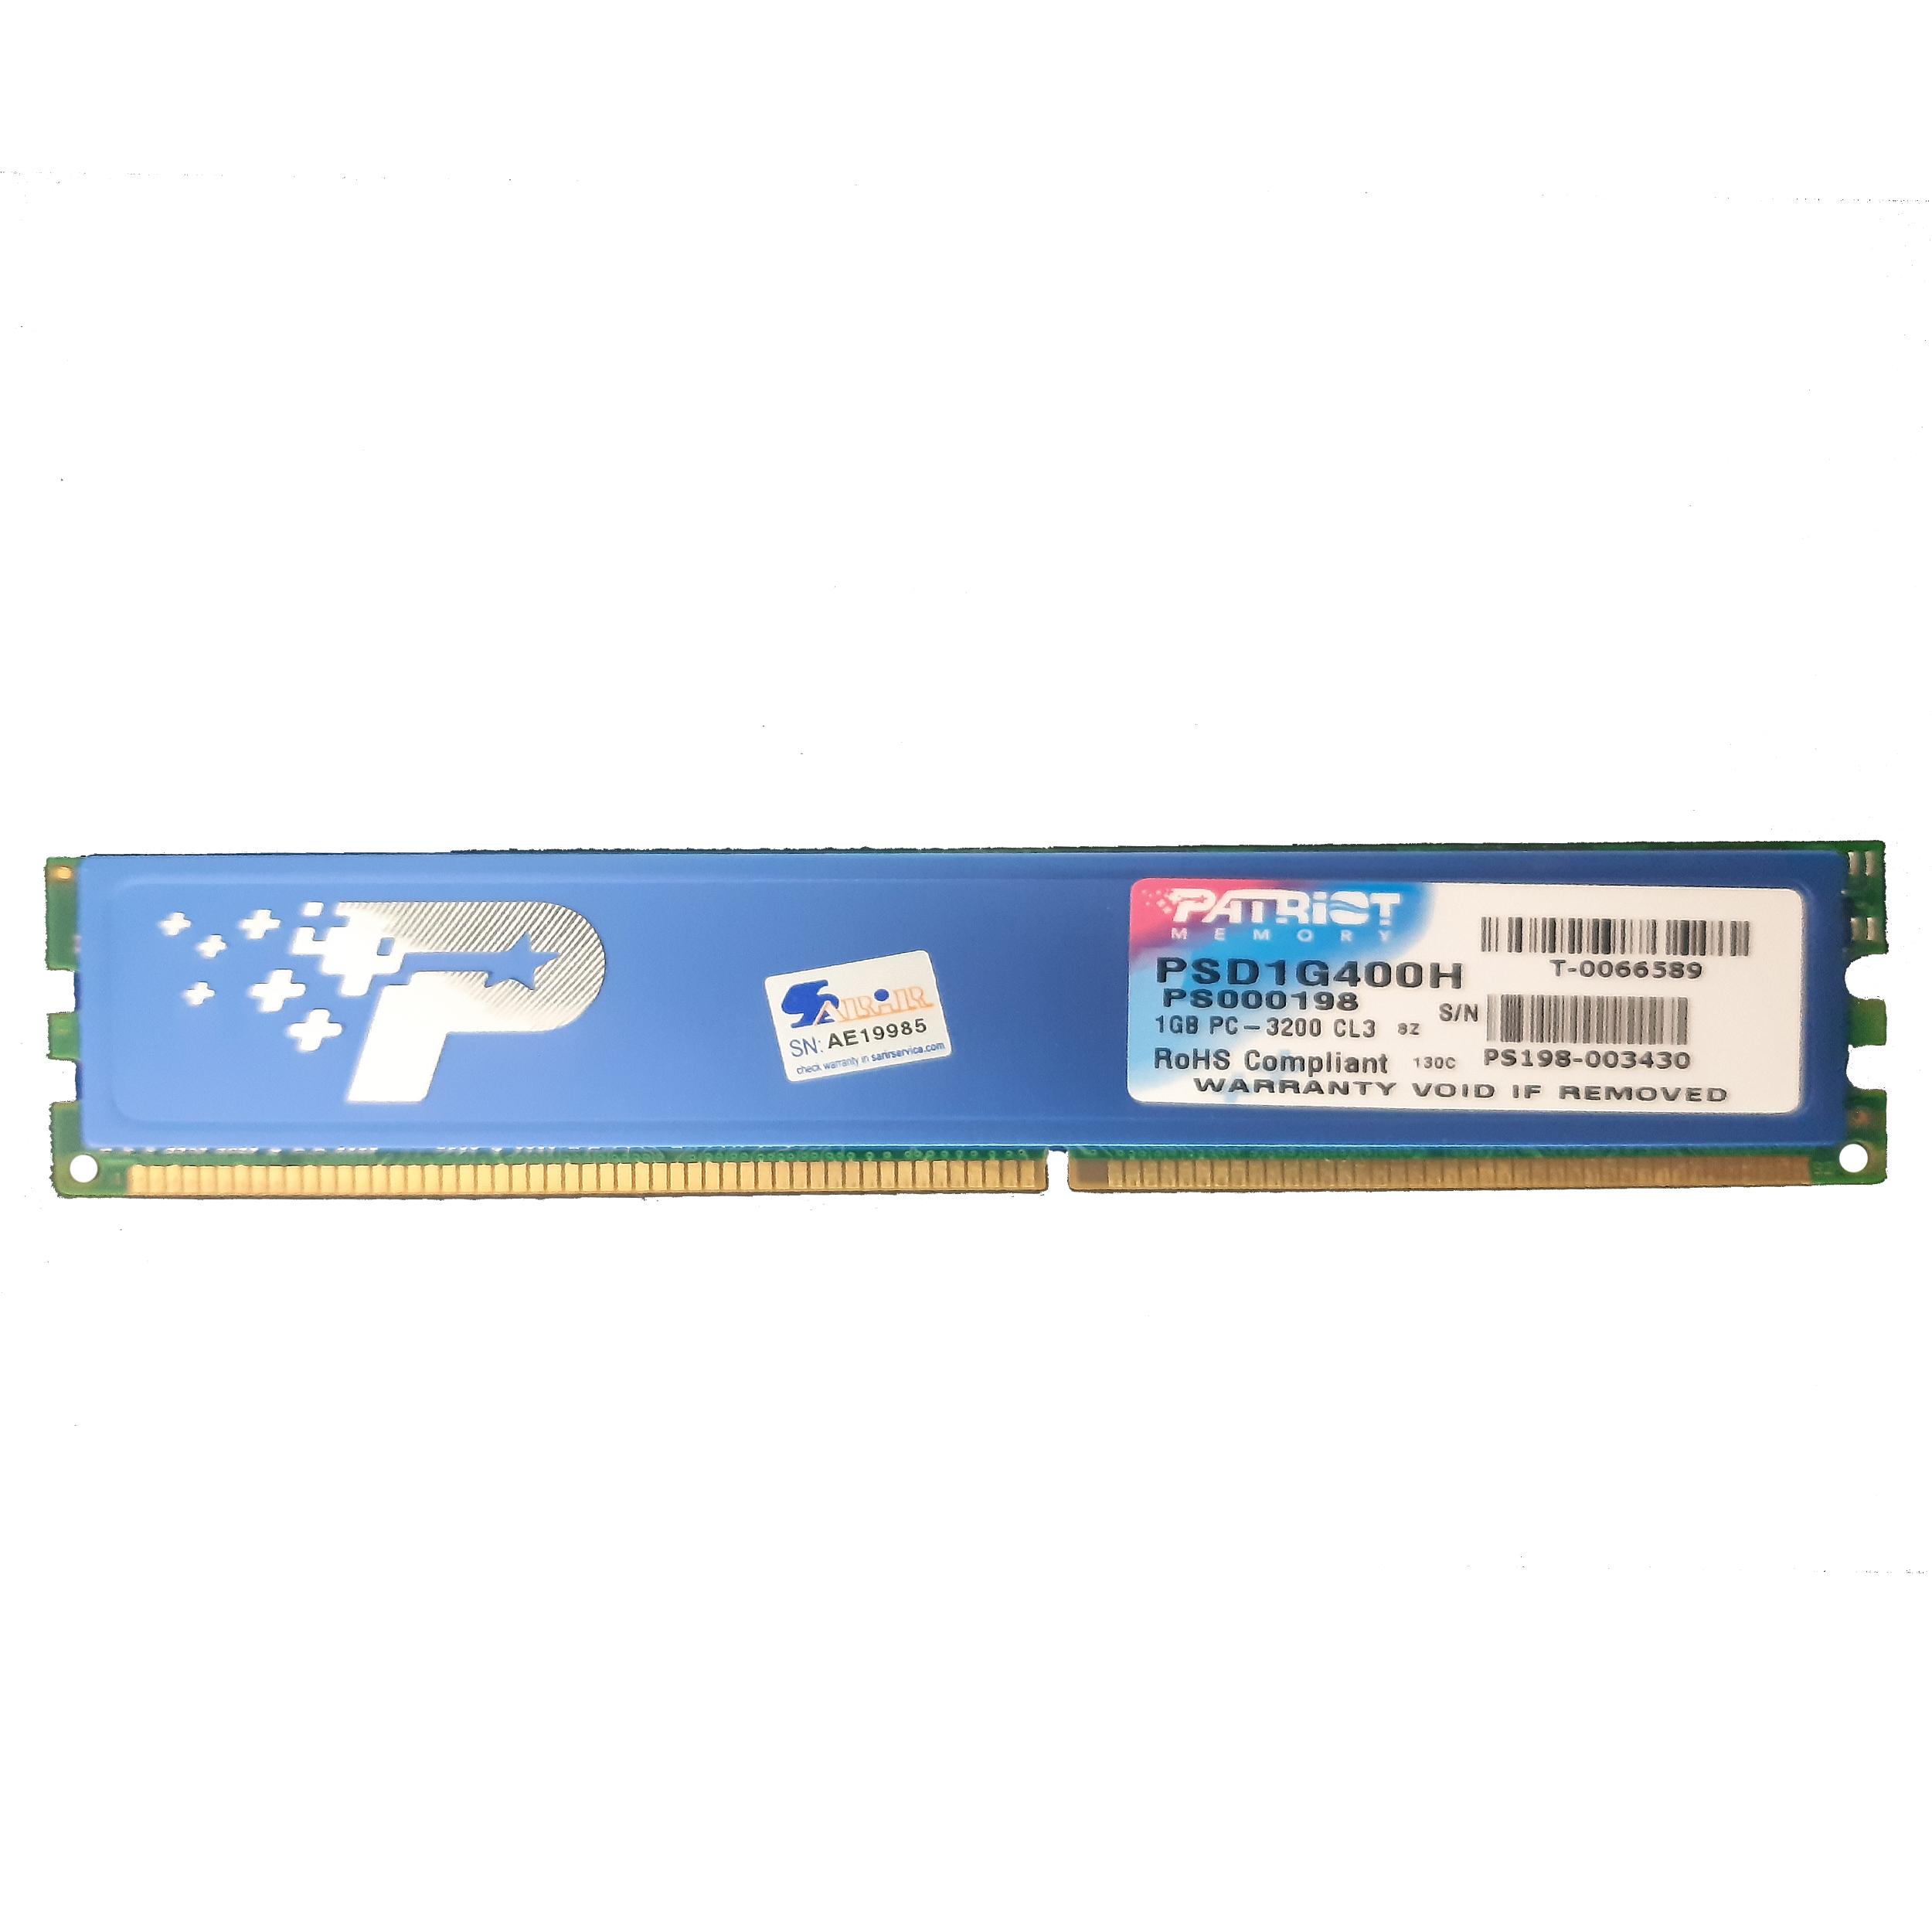 رم دسکتاپ DDR تک کاناله 400 مگاهرتز CL3 پتریوت مدل PSD1G400H ظرفیت 1 گیگابایت